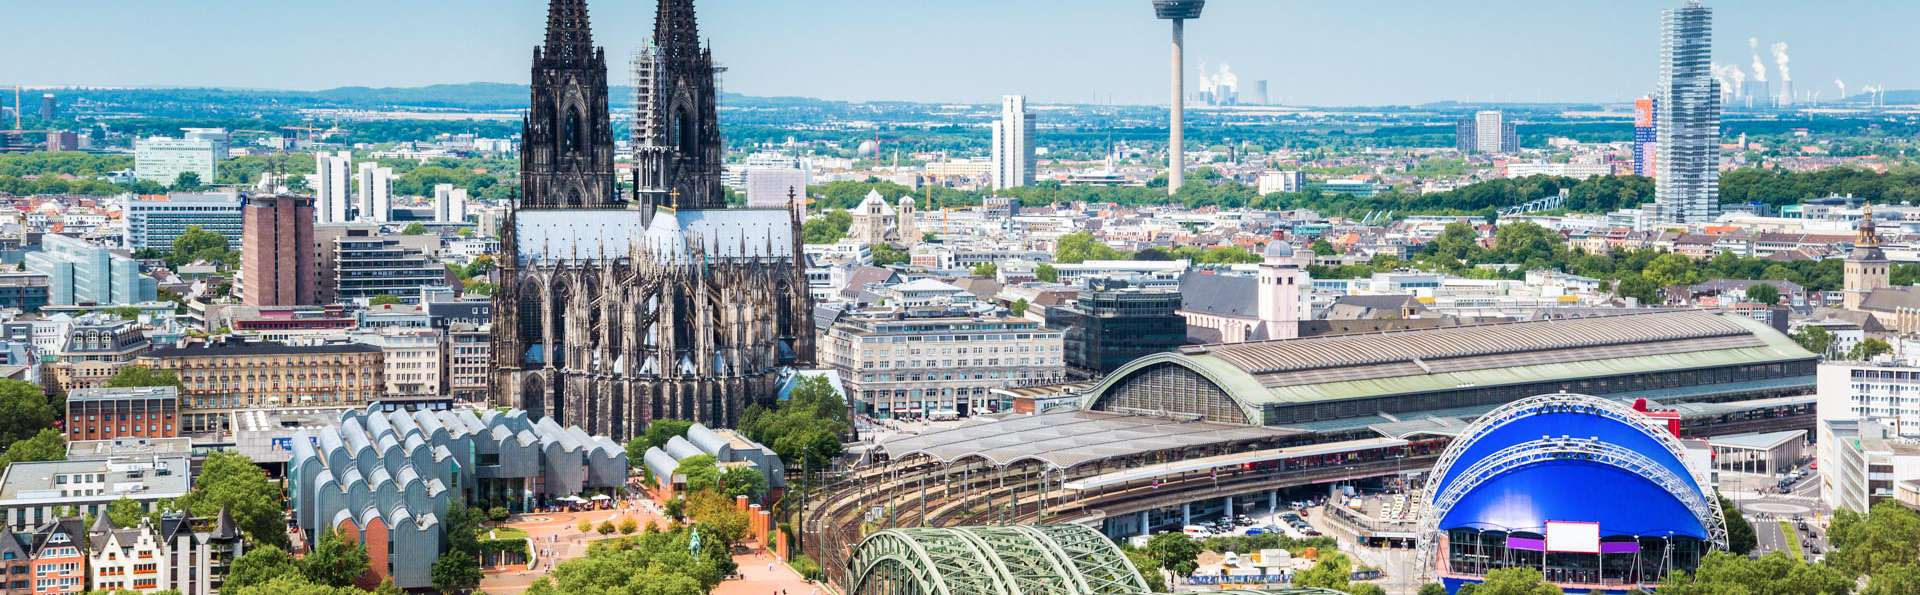 Hyatt Regency Köln - EDIT_DESTINATION_01.jpg